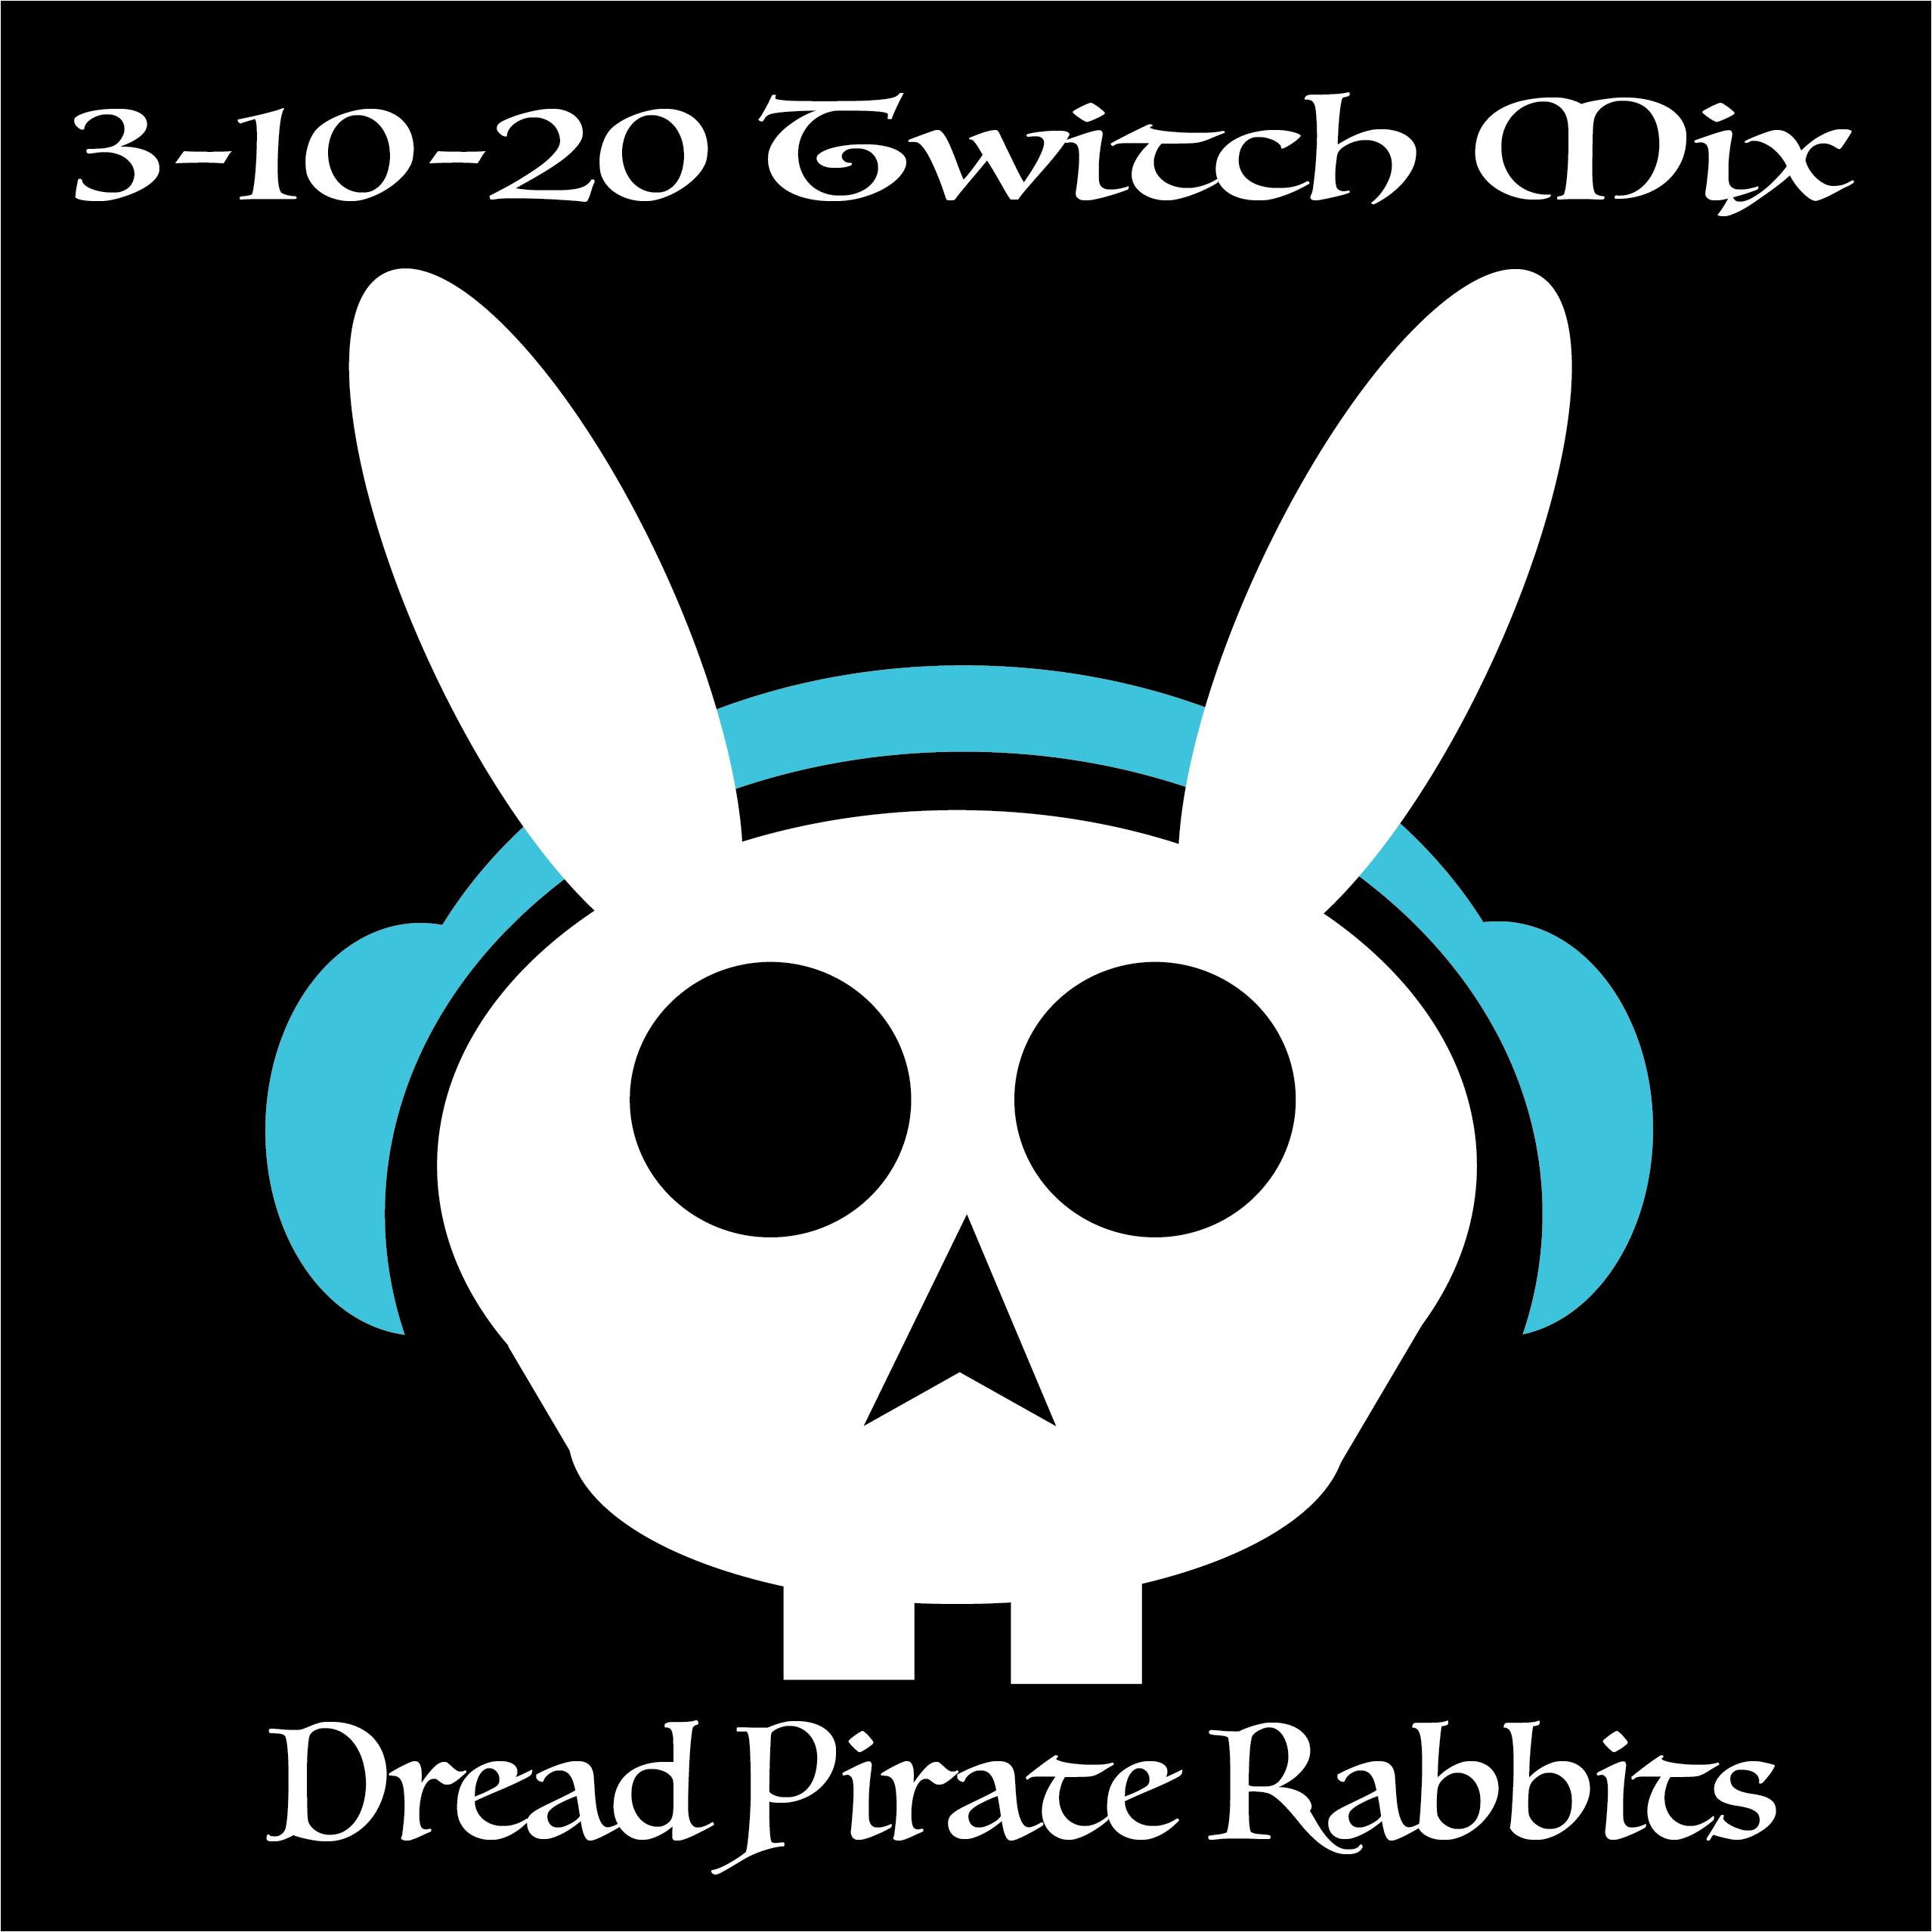 Twitch Stream 3-10-20